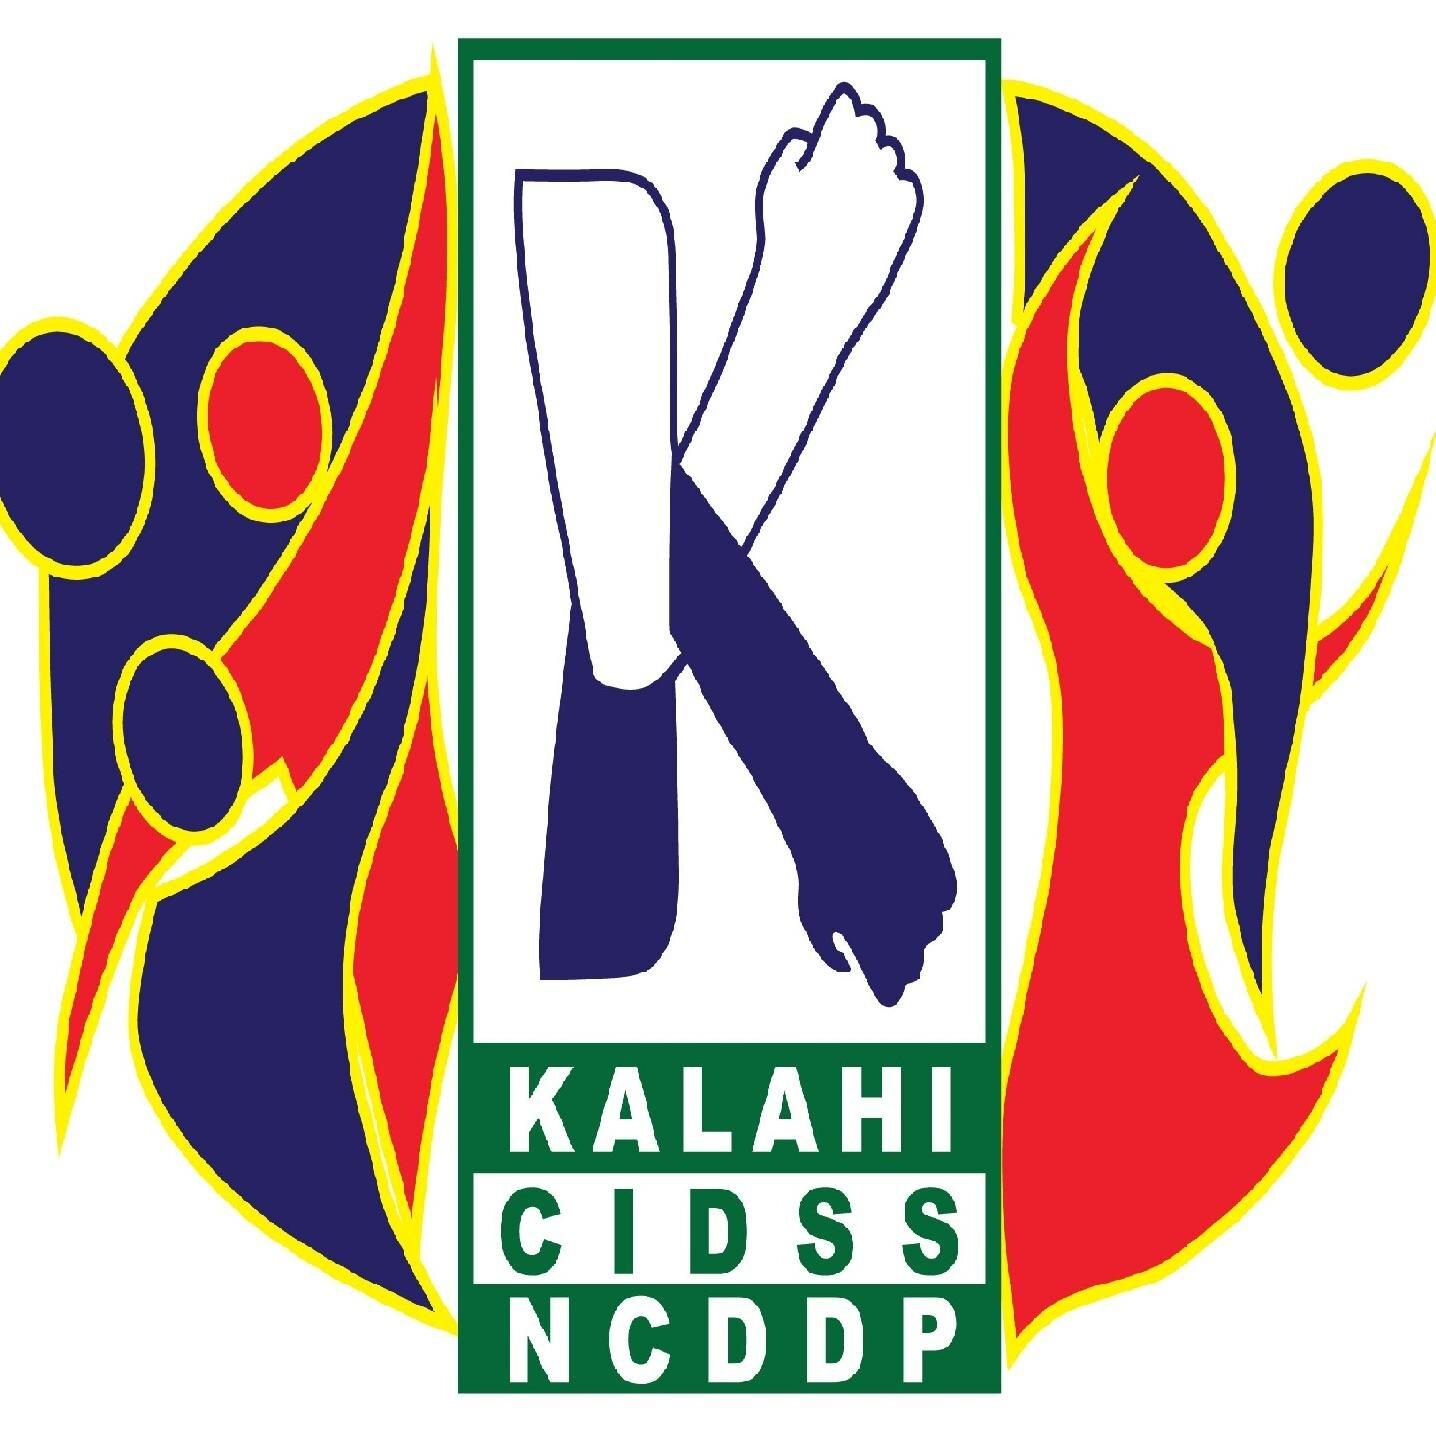 KALAHI